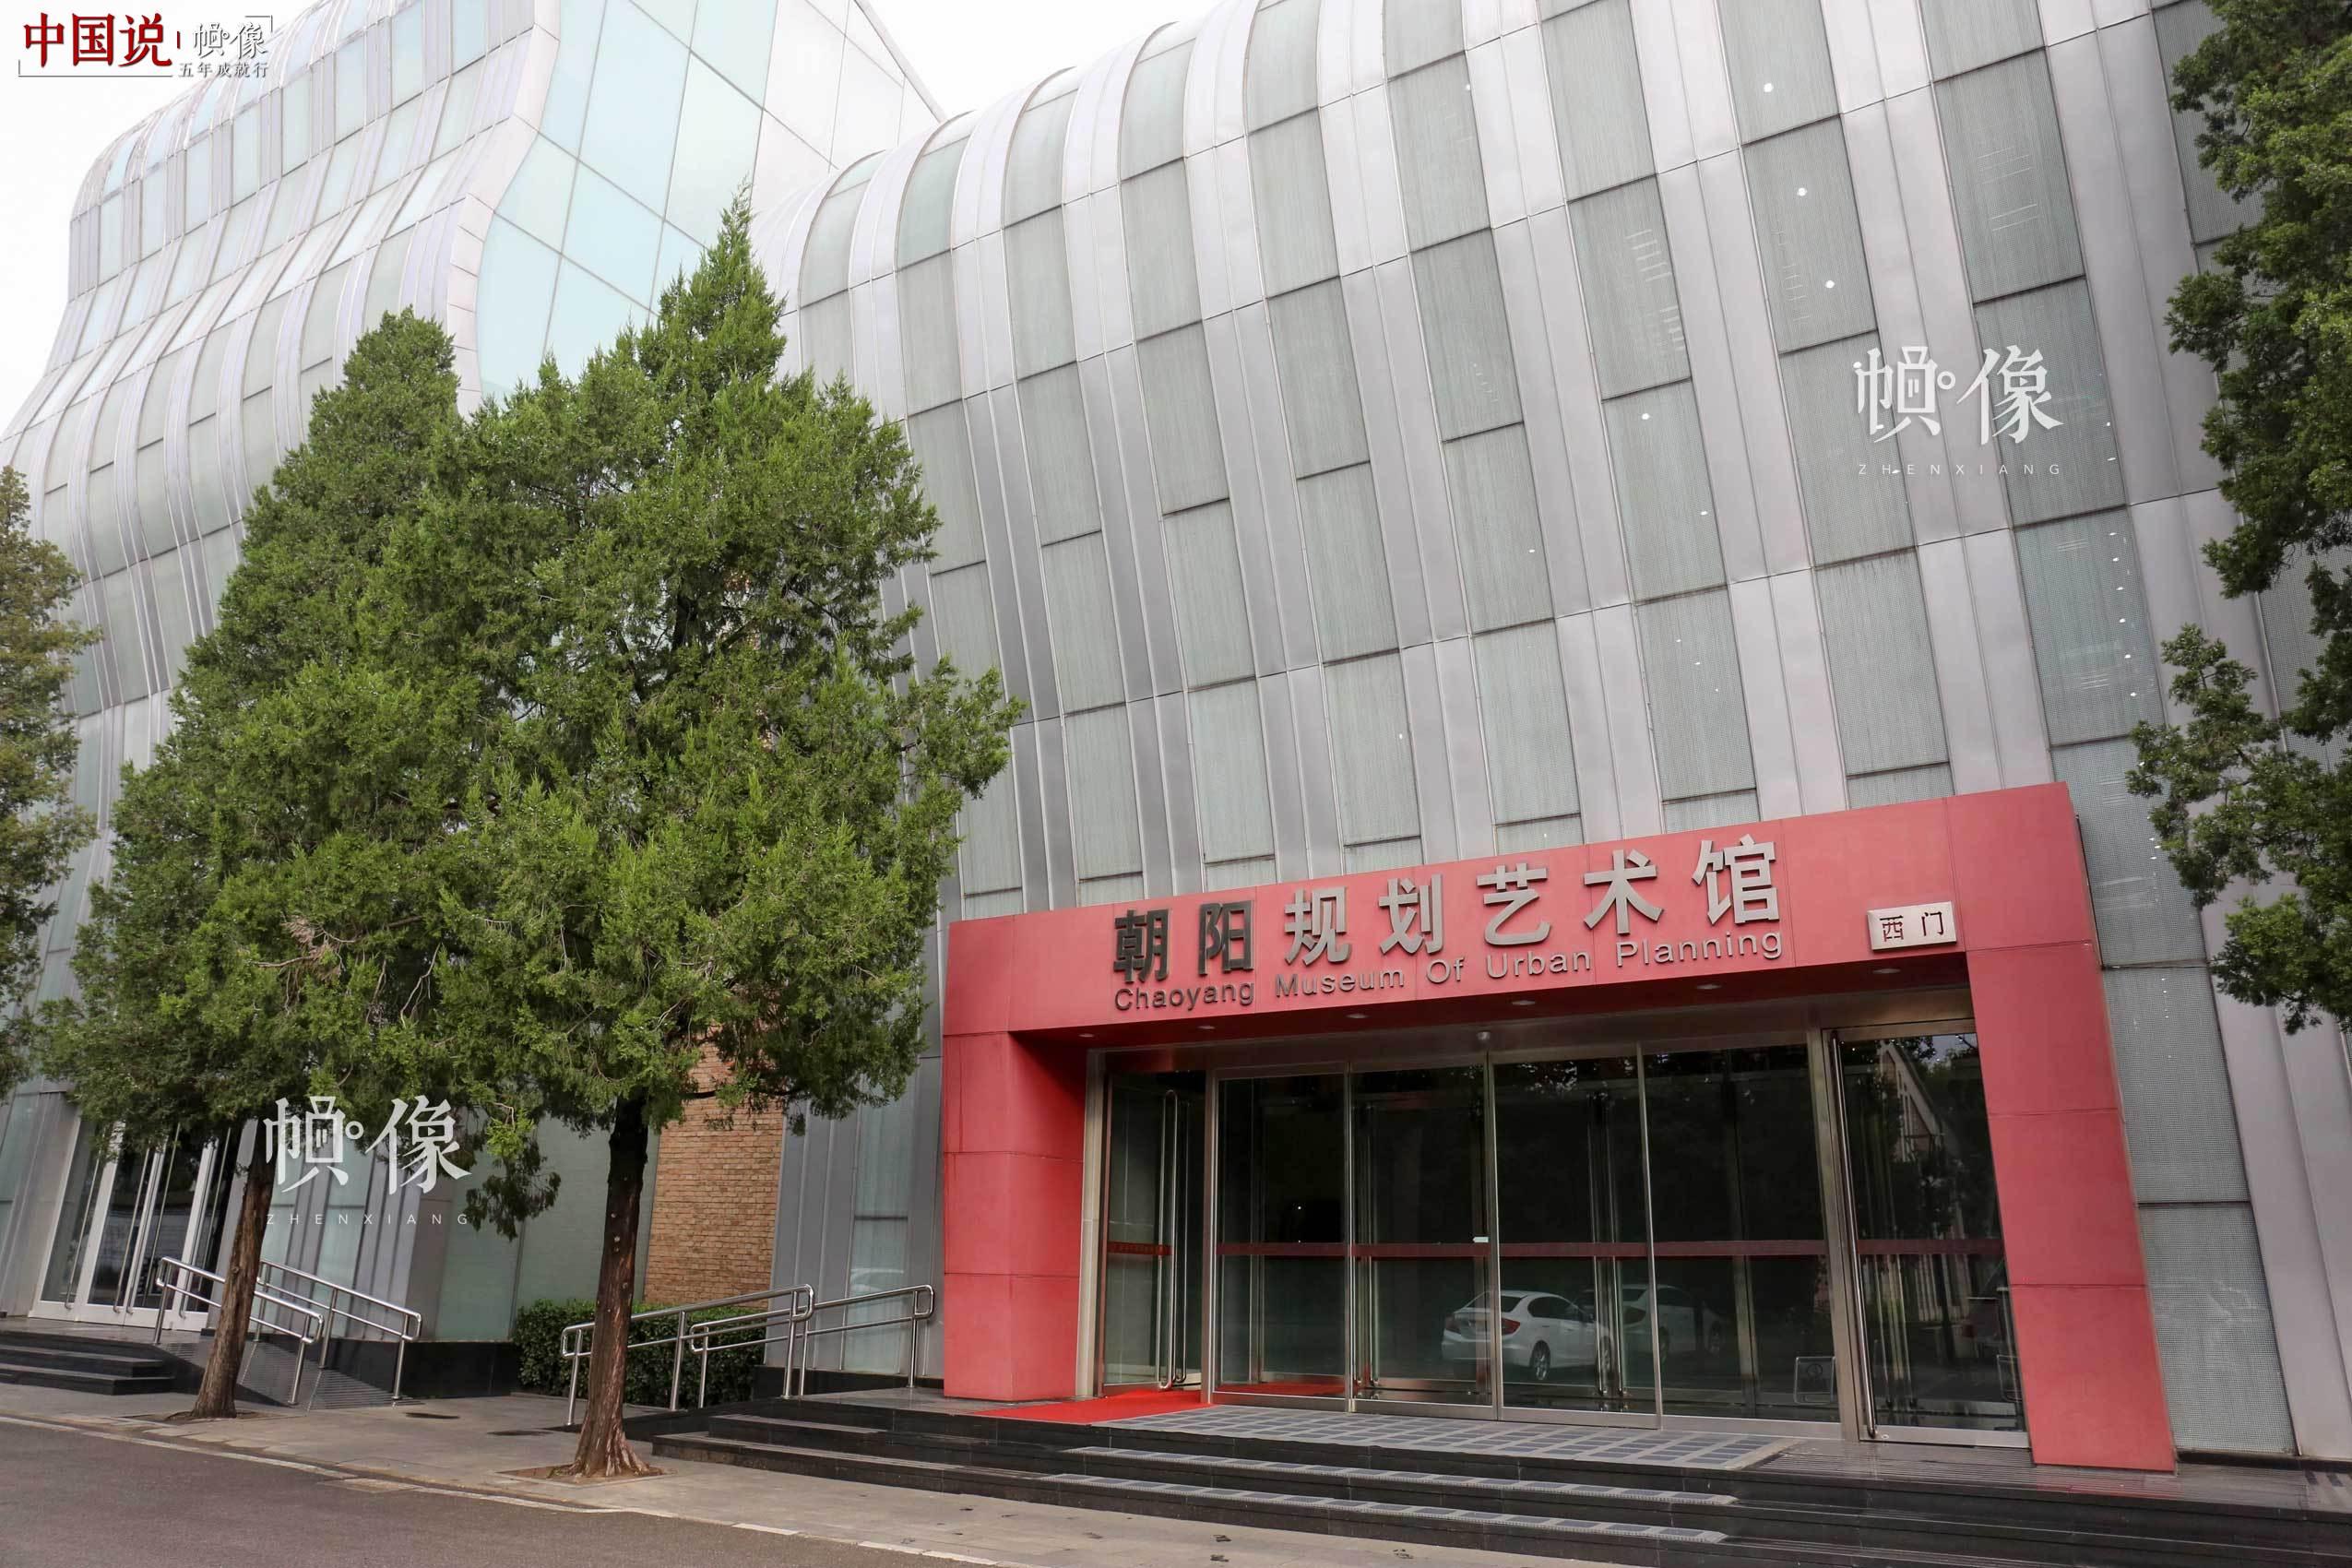 朝阳规划艺术馆位于朝阳公园东5门内,由工业遗存和奥运遗产改造而成,是北京市文化创意产业发展中老厂房改造转型再利用的典范,也是奥运遗产赛后再利用的标志地之一。中国网记者 赵超 摄